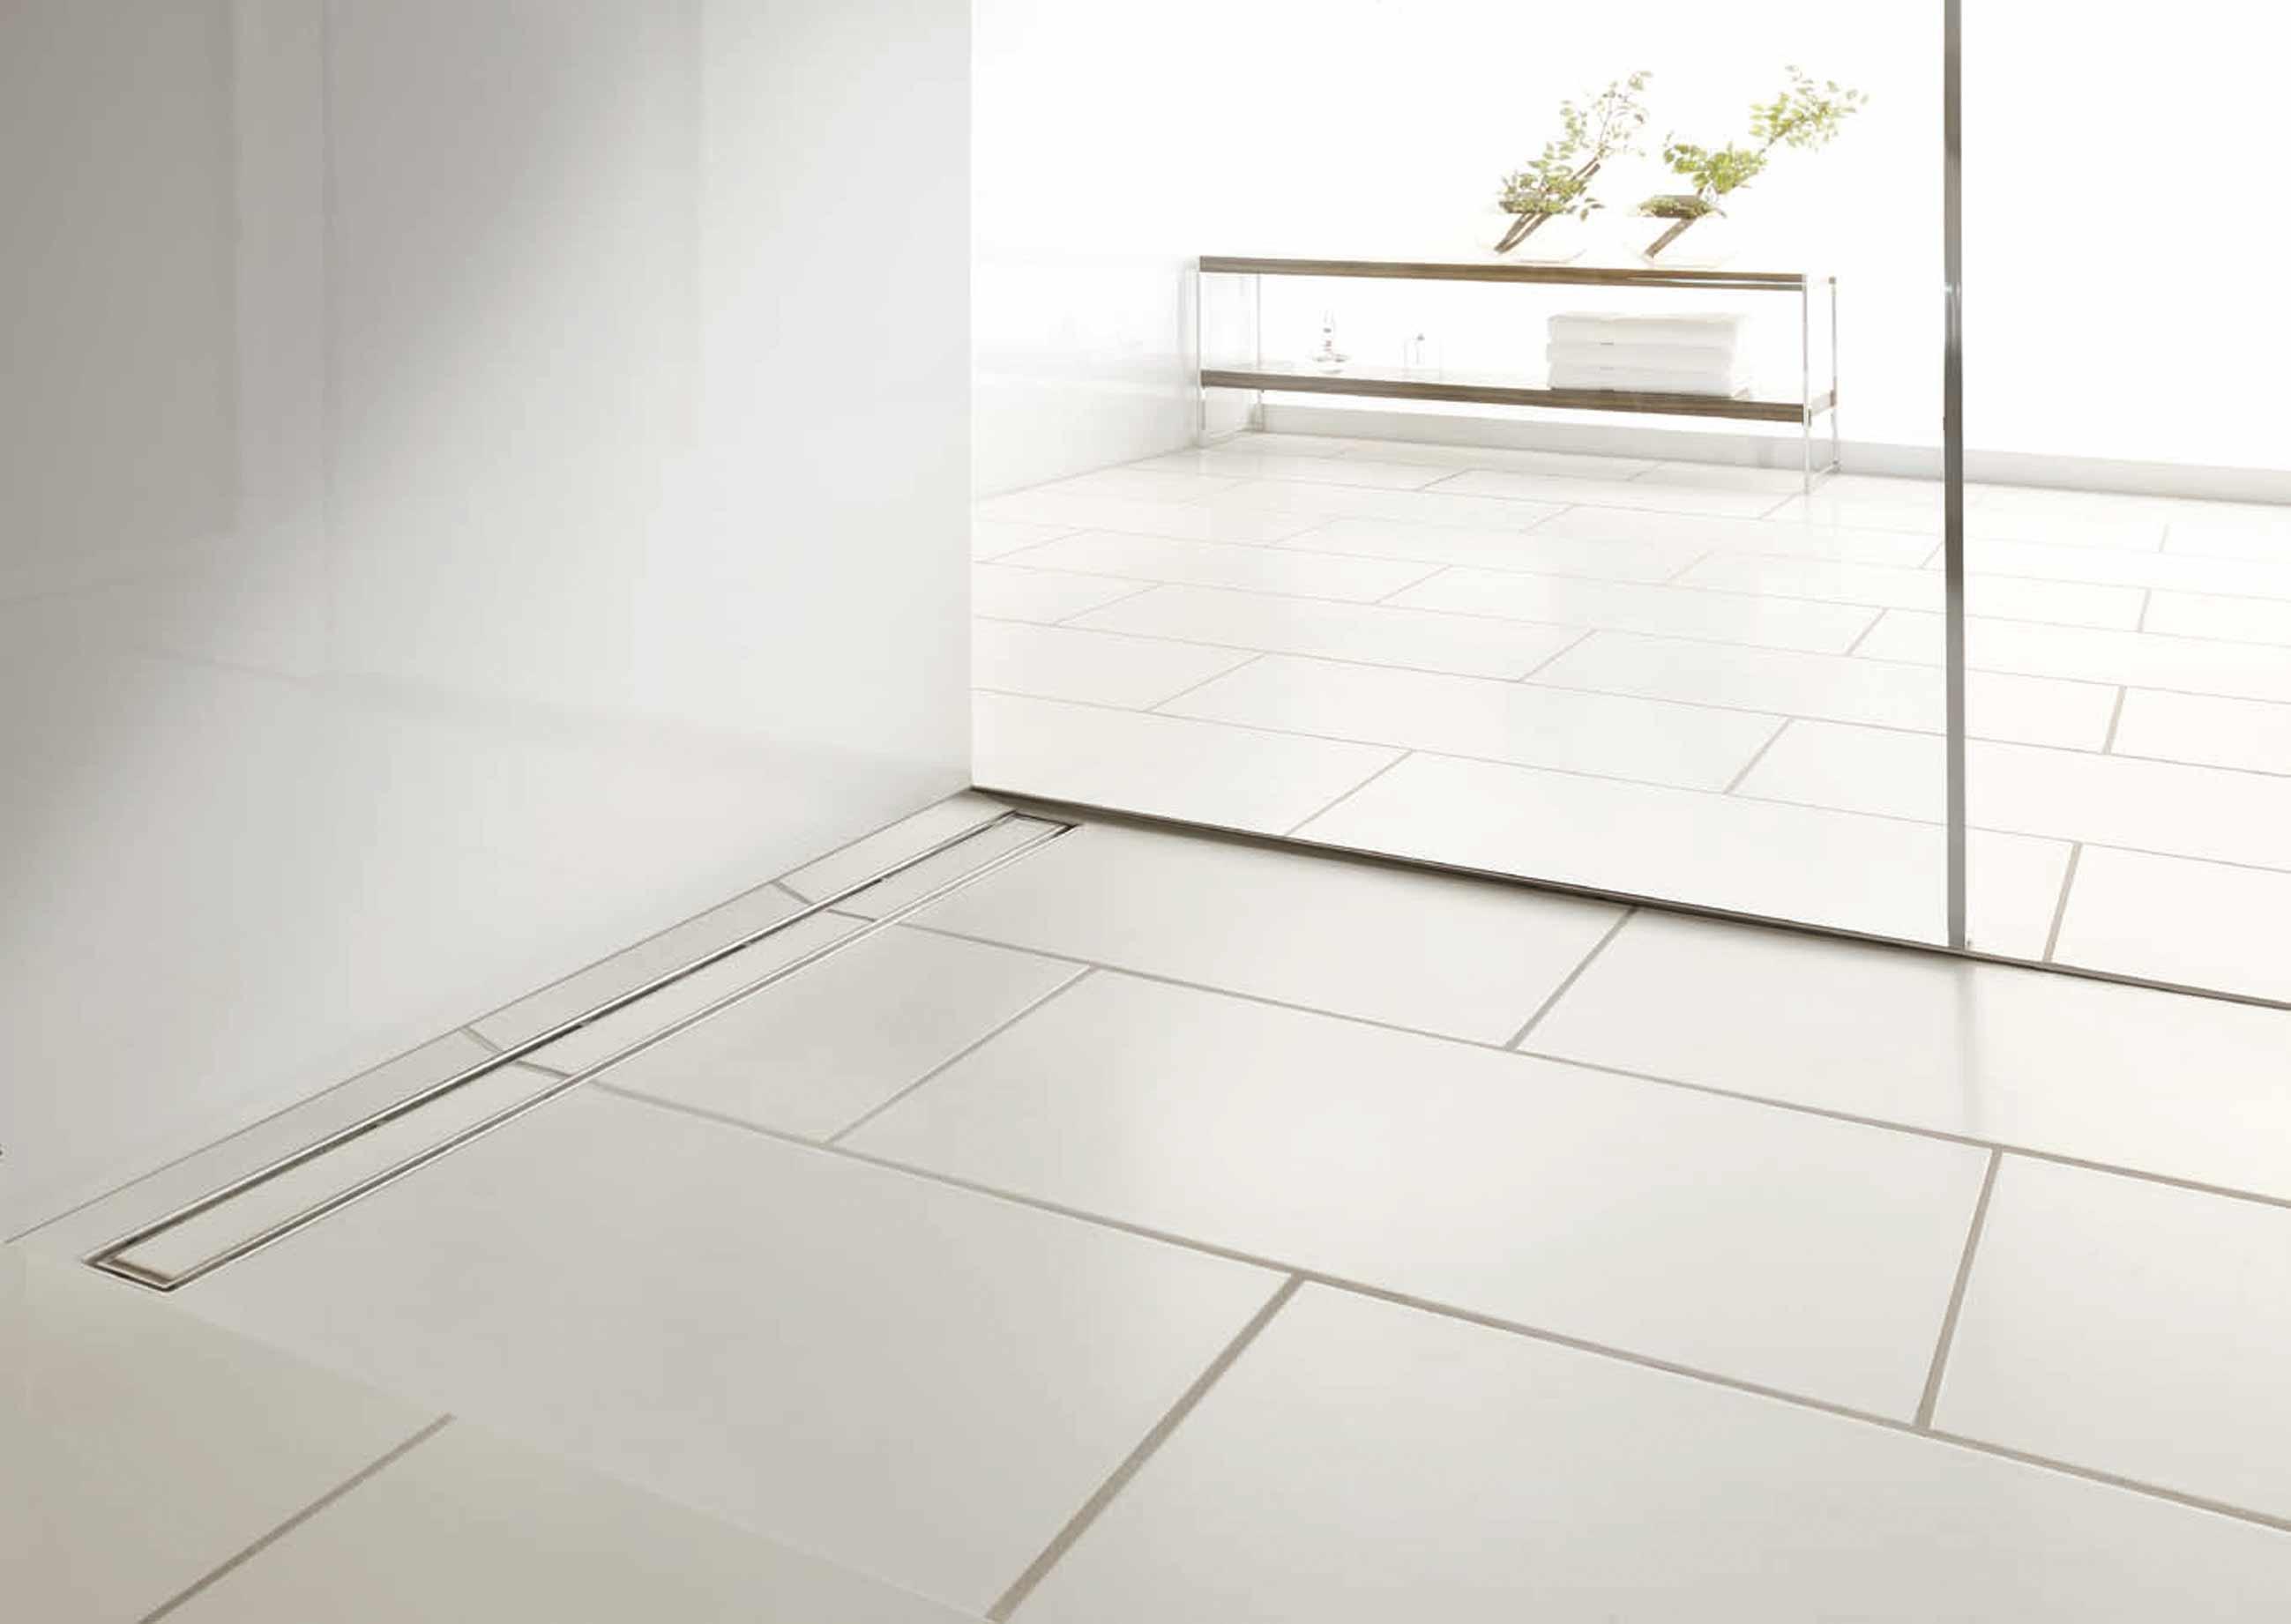 Piatto doccia filo pavimento piastrellabile raccordi tubi innocenti - Piatto doccia raso pavimento ...